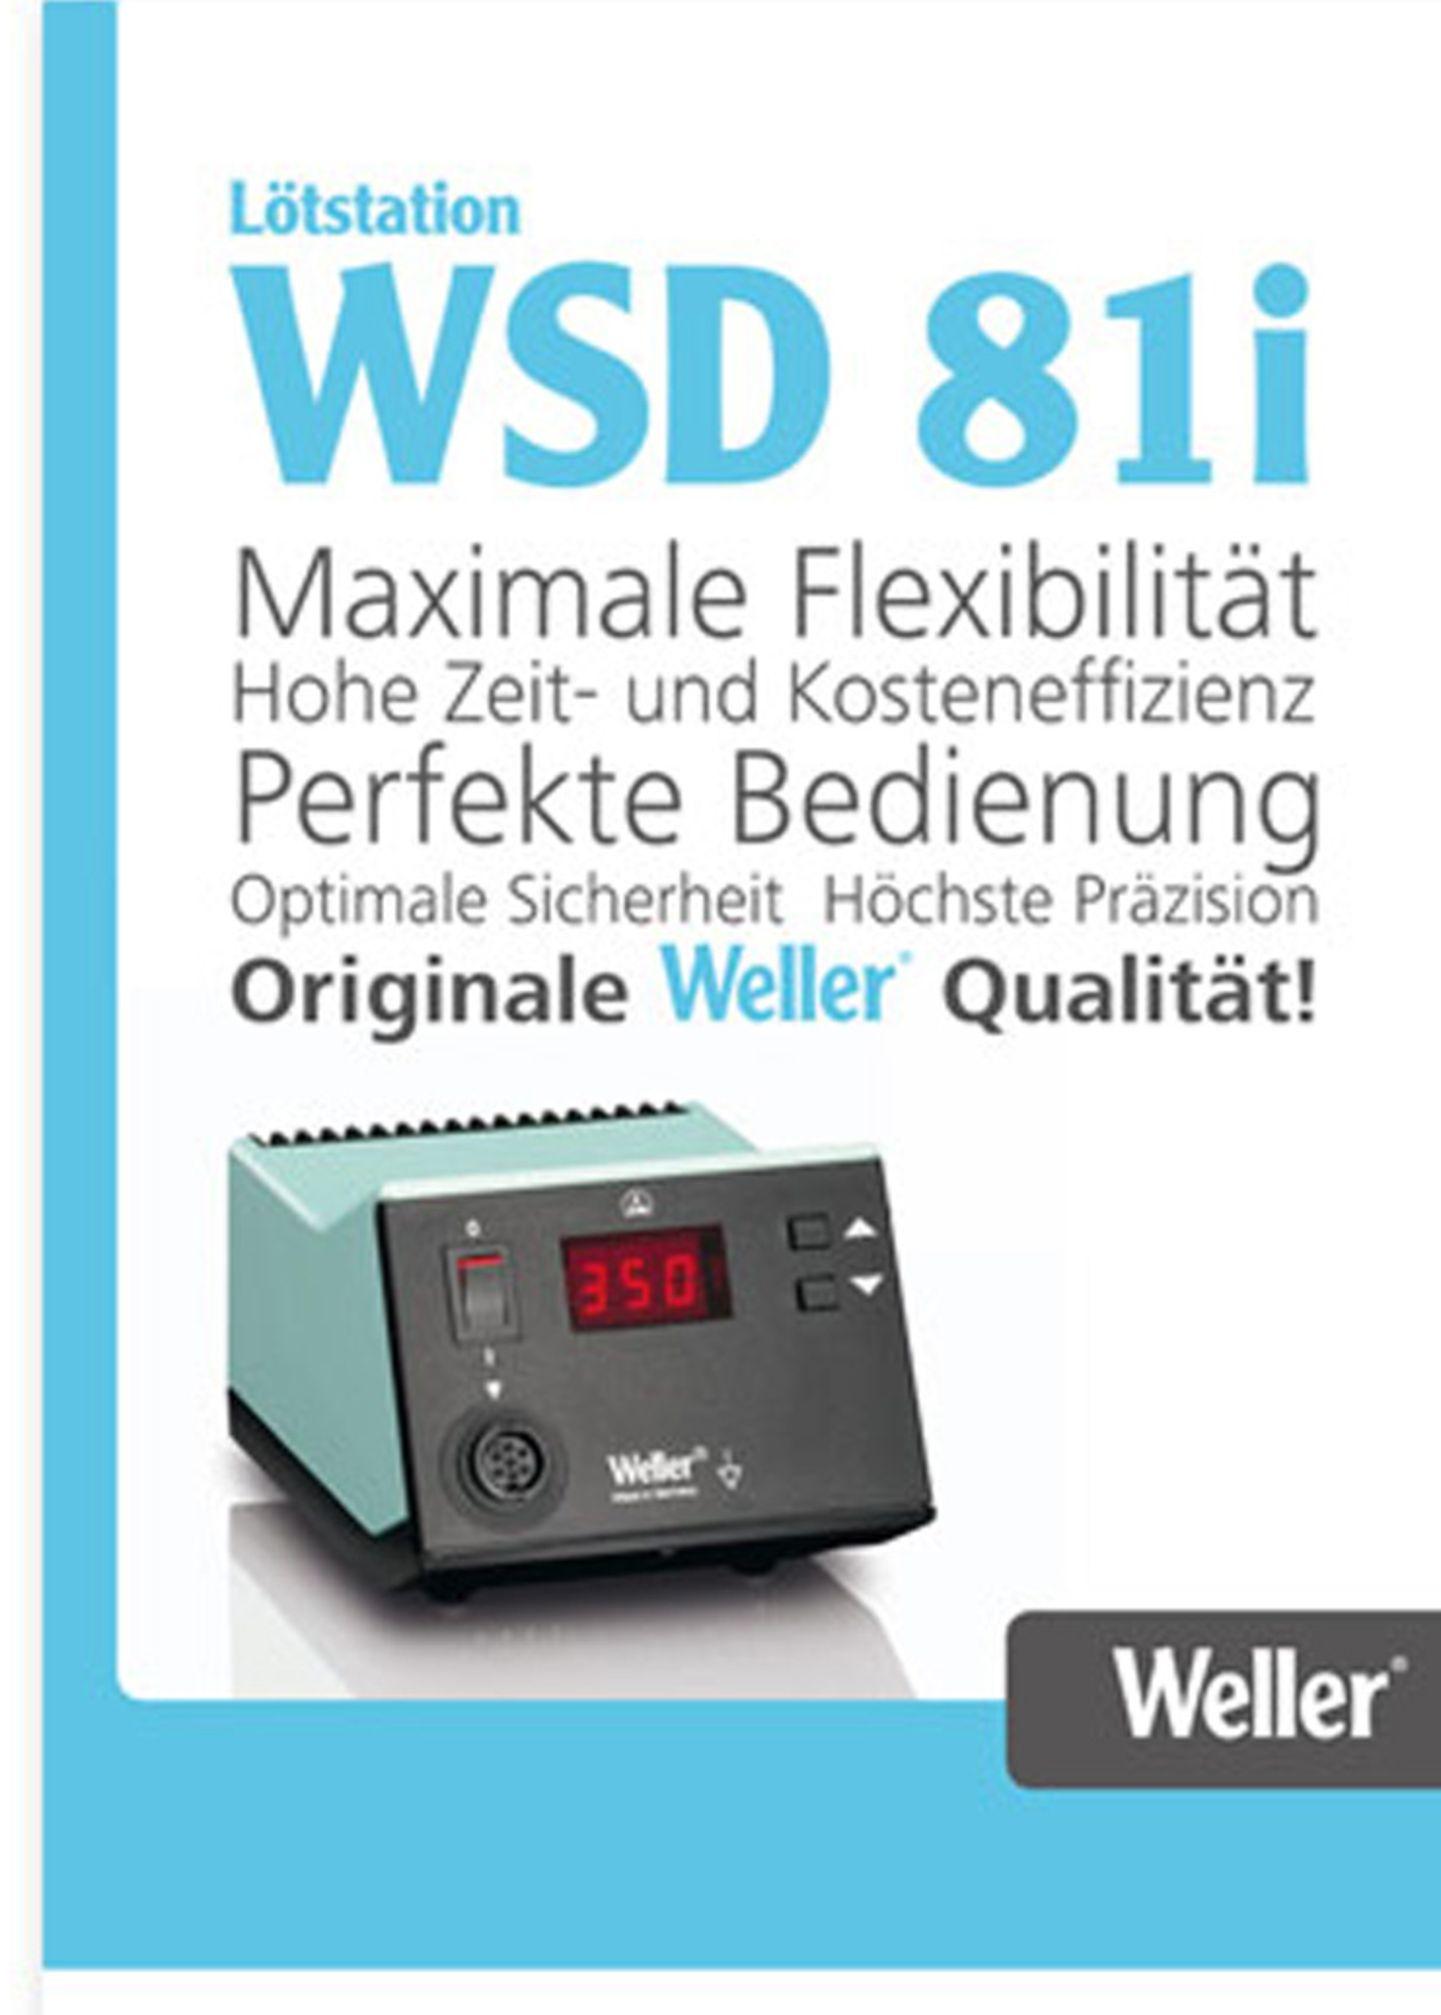 Weller-WSD-81i